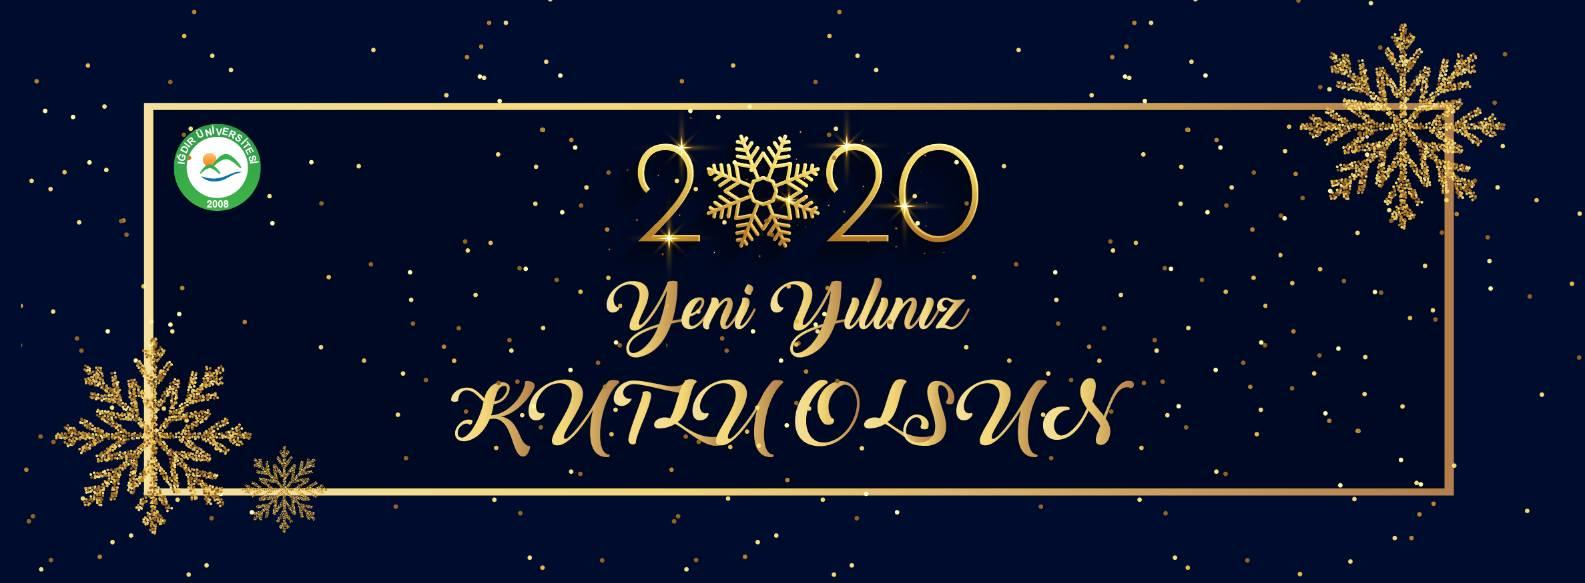 banner2-01-f.jpg